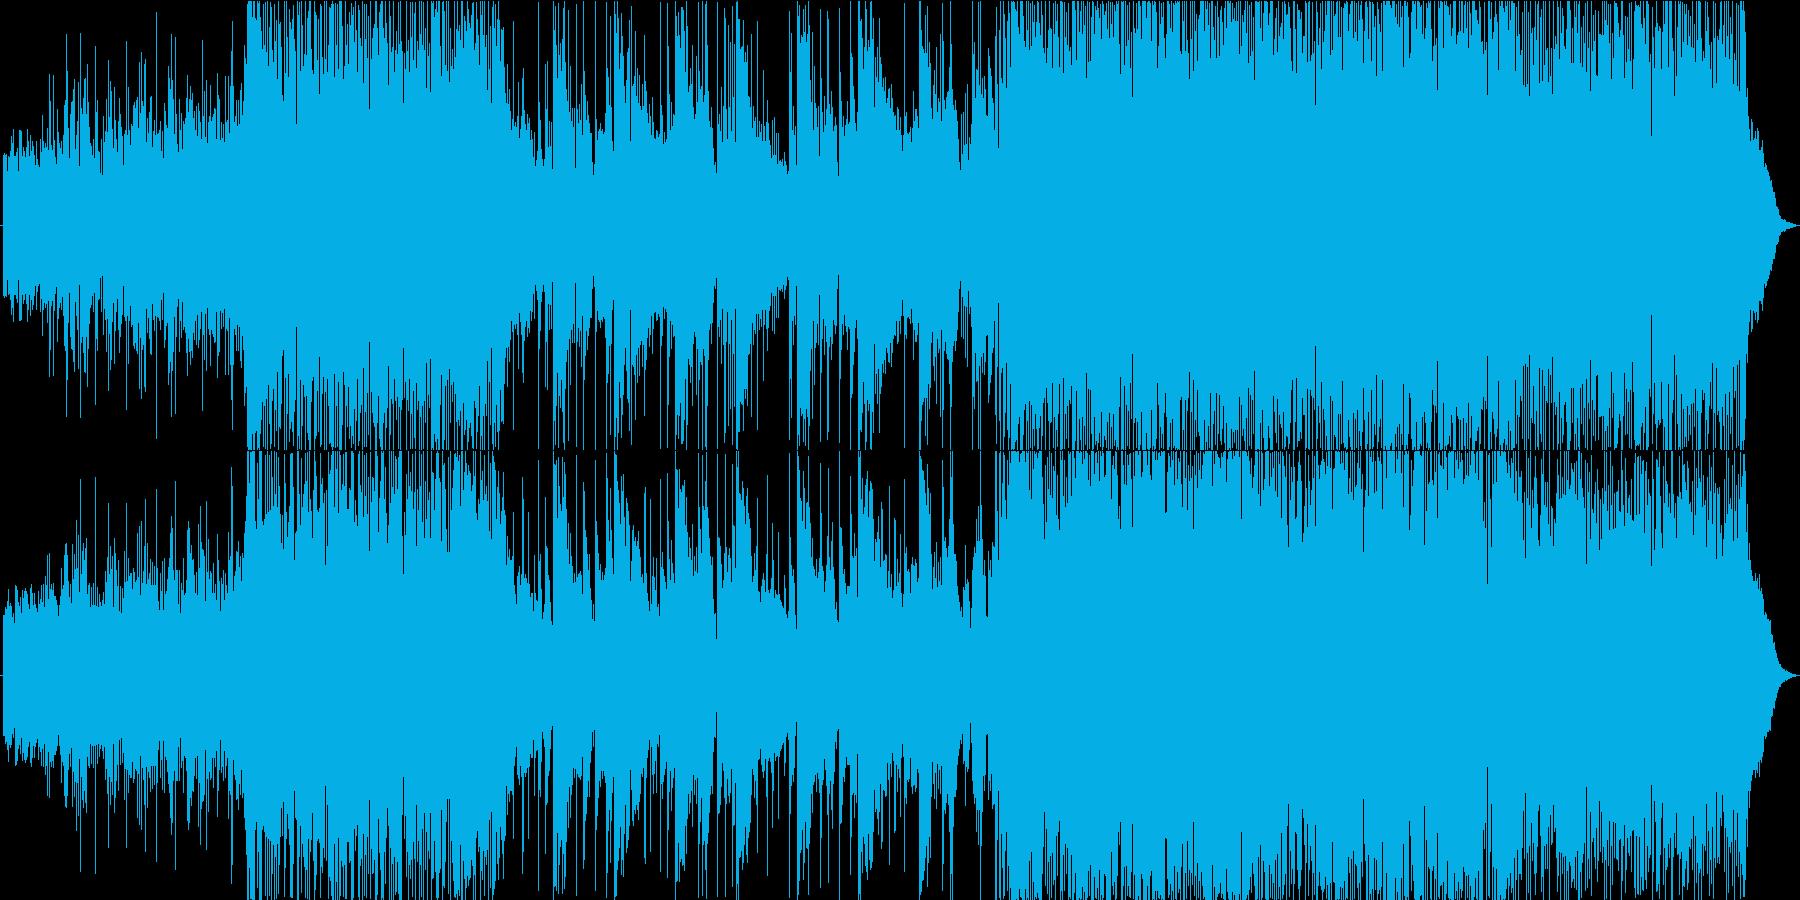 和風でエレクトロニカの躍動的な楽曲の再生済みの波形